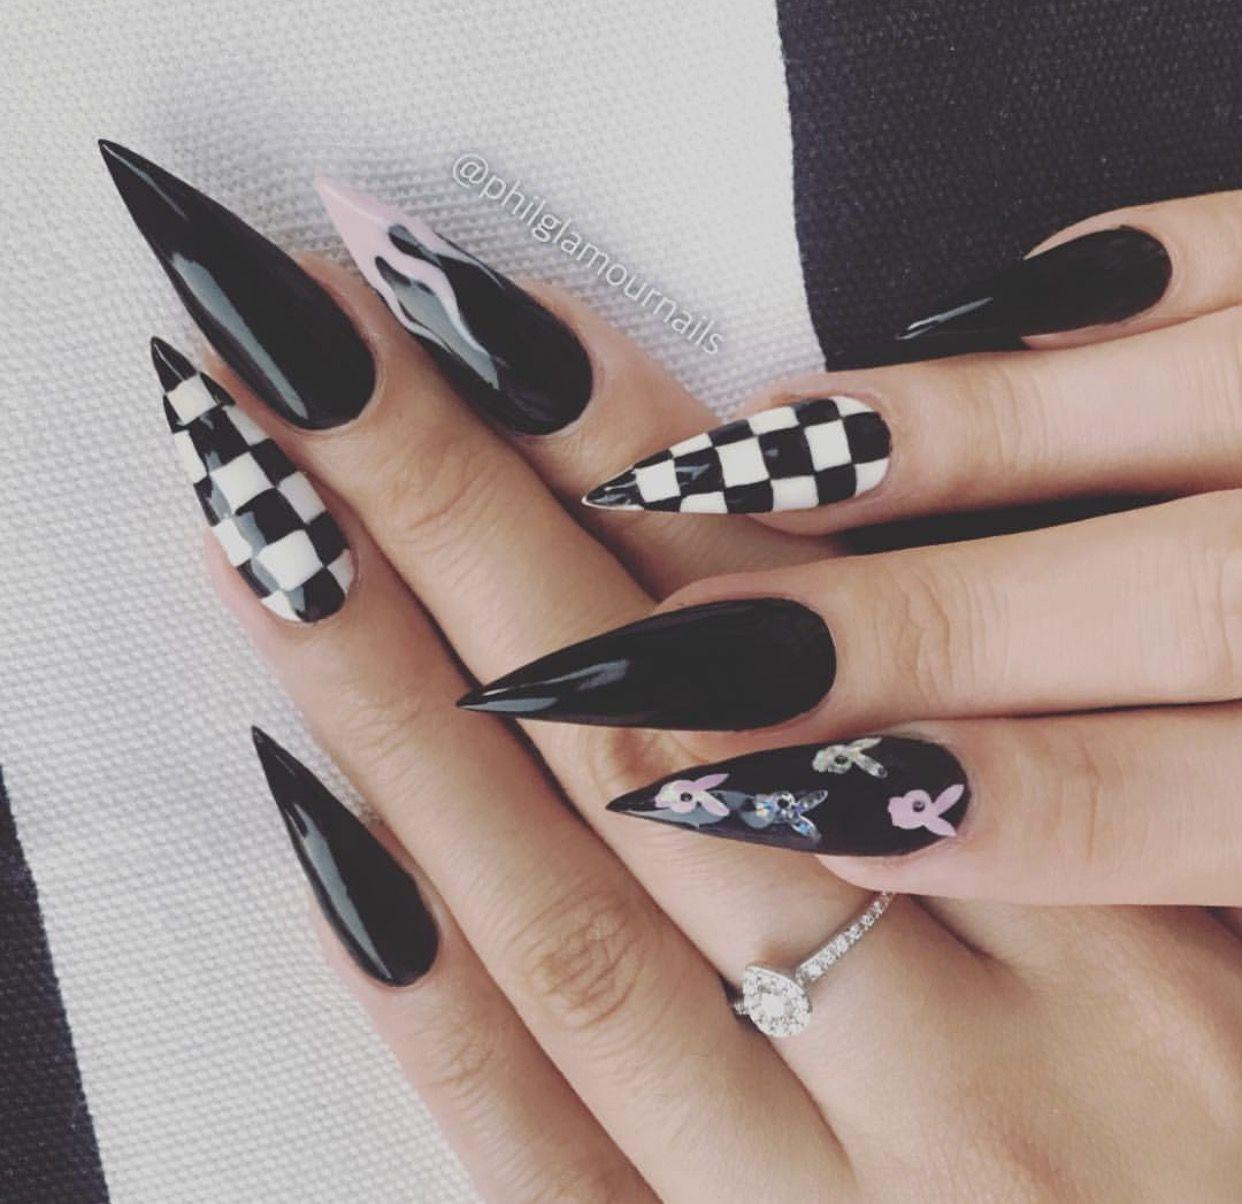 Pin By Carla Zanith On Nailed Goth Nails Edgy Nails Black Acrylic Nails